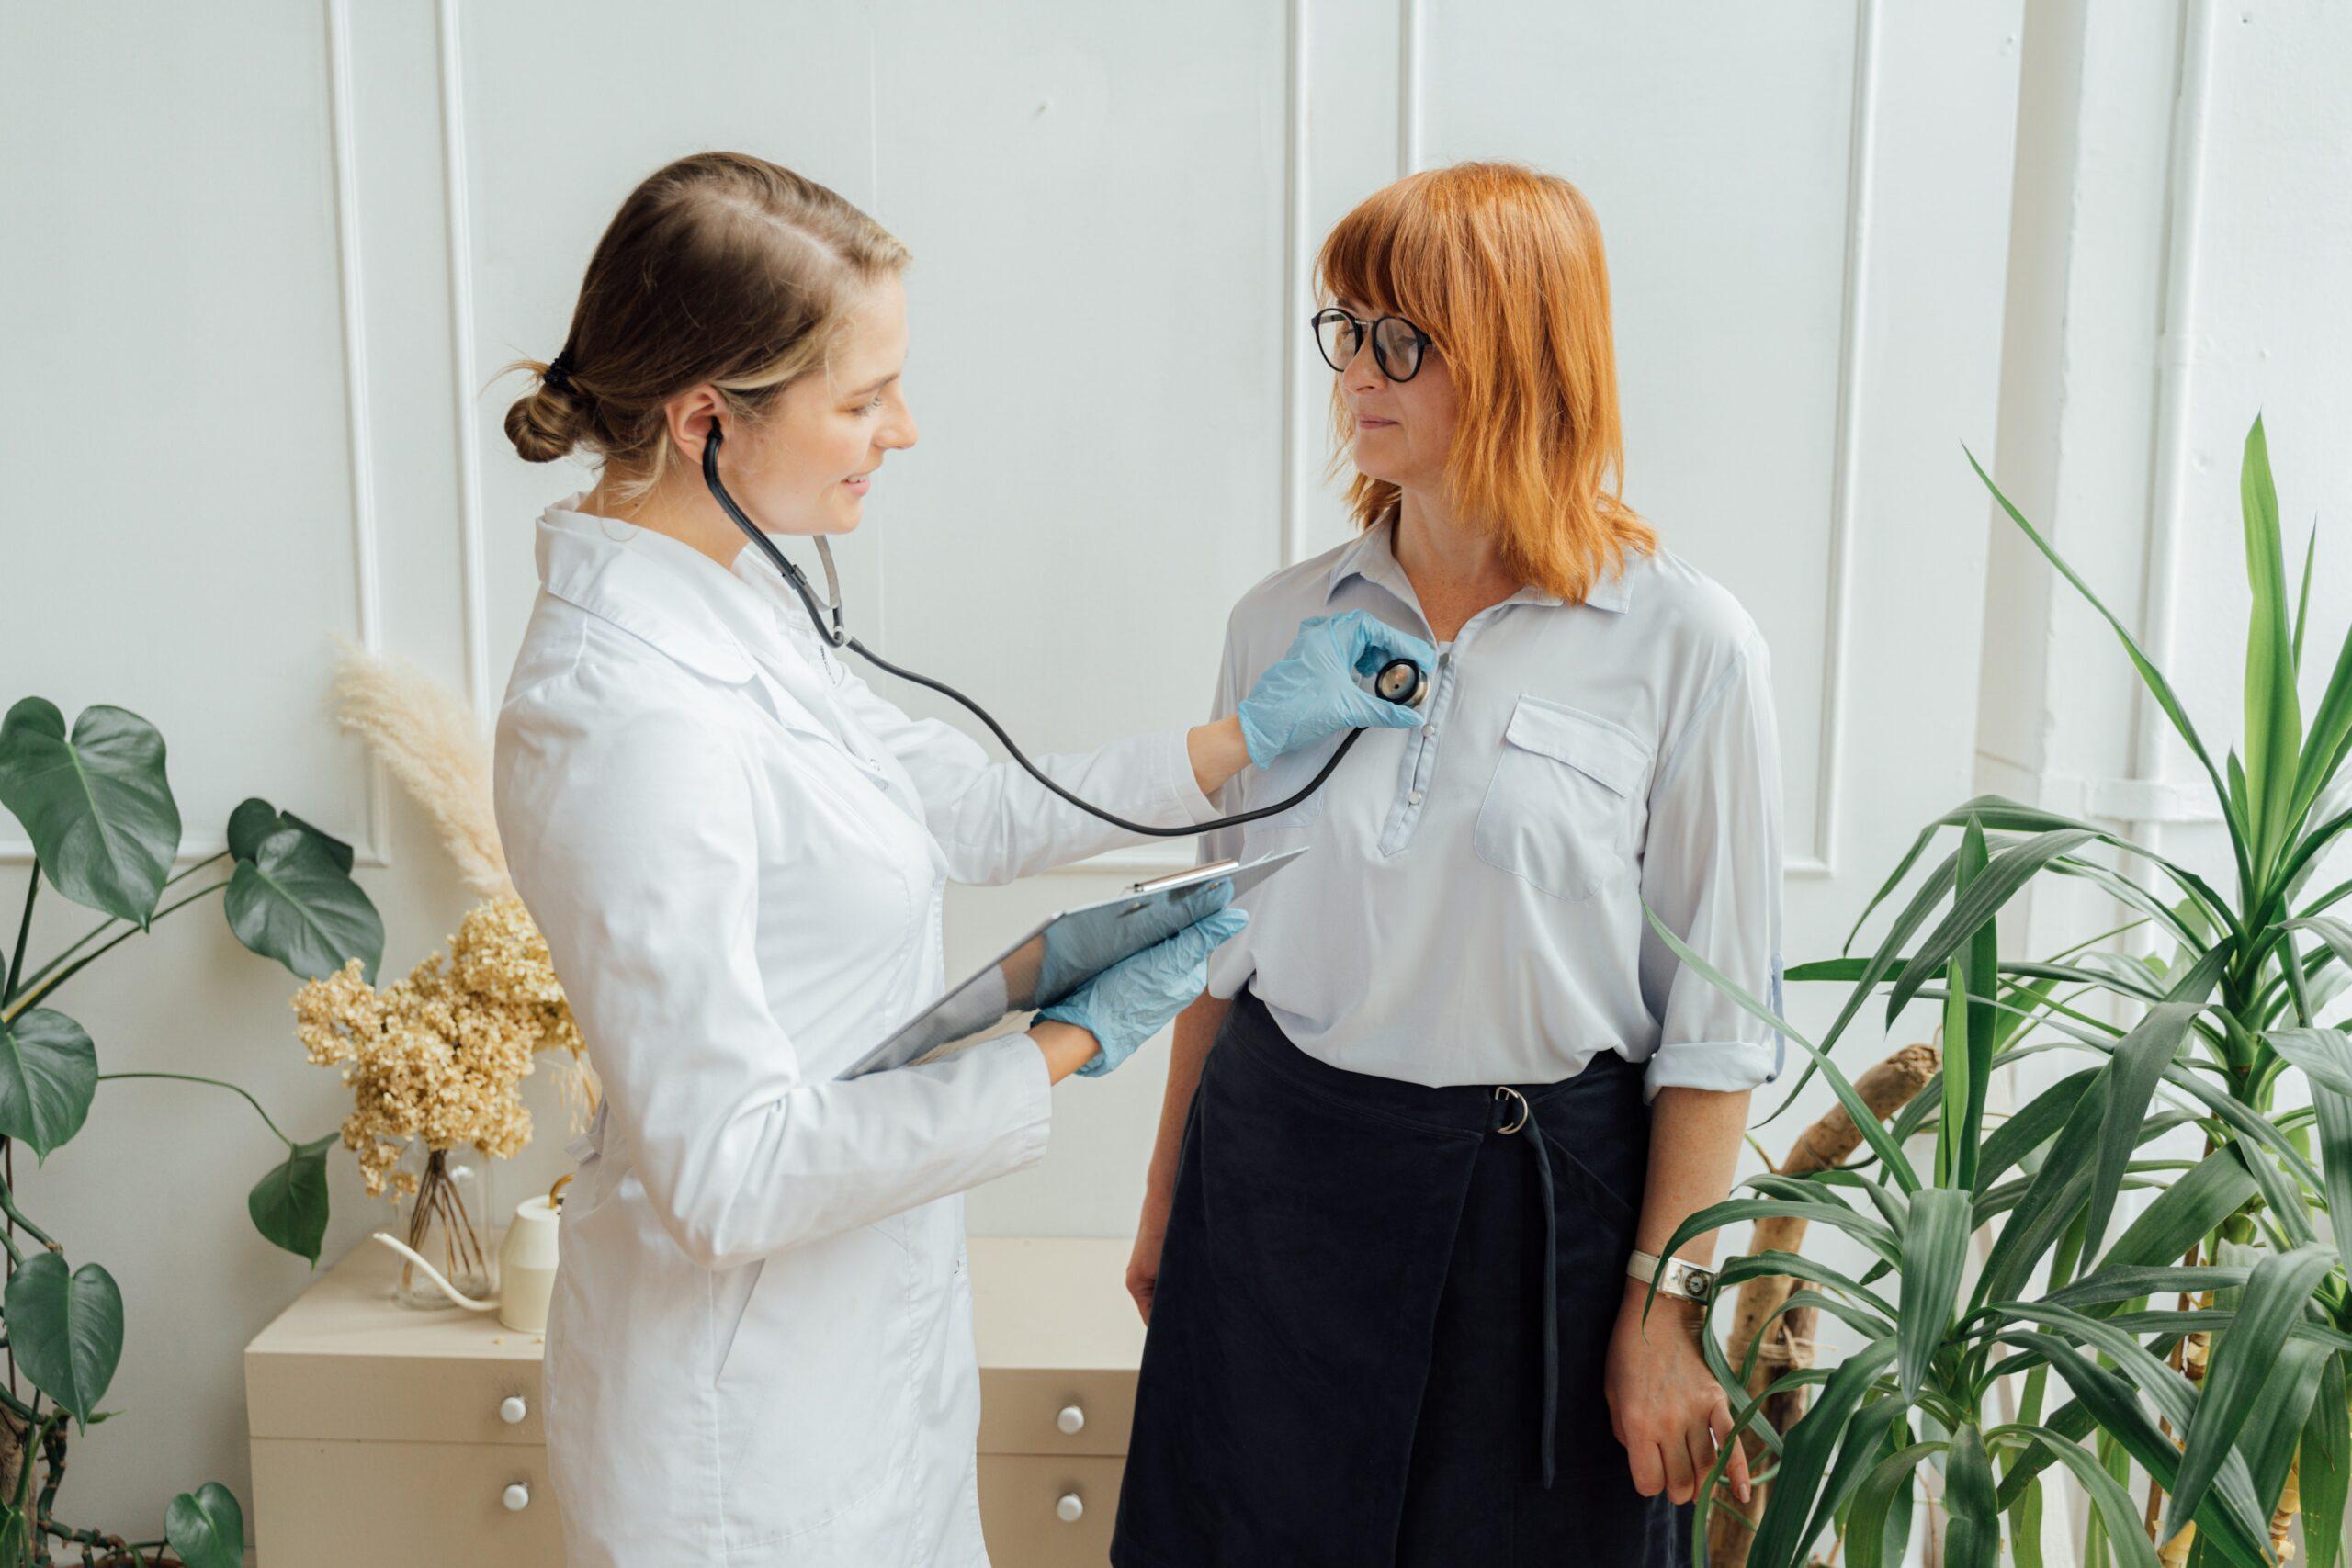 Ce controale medicale preventive sunt recomandate în scleroza multiplă